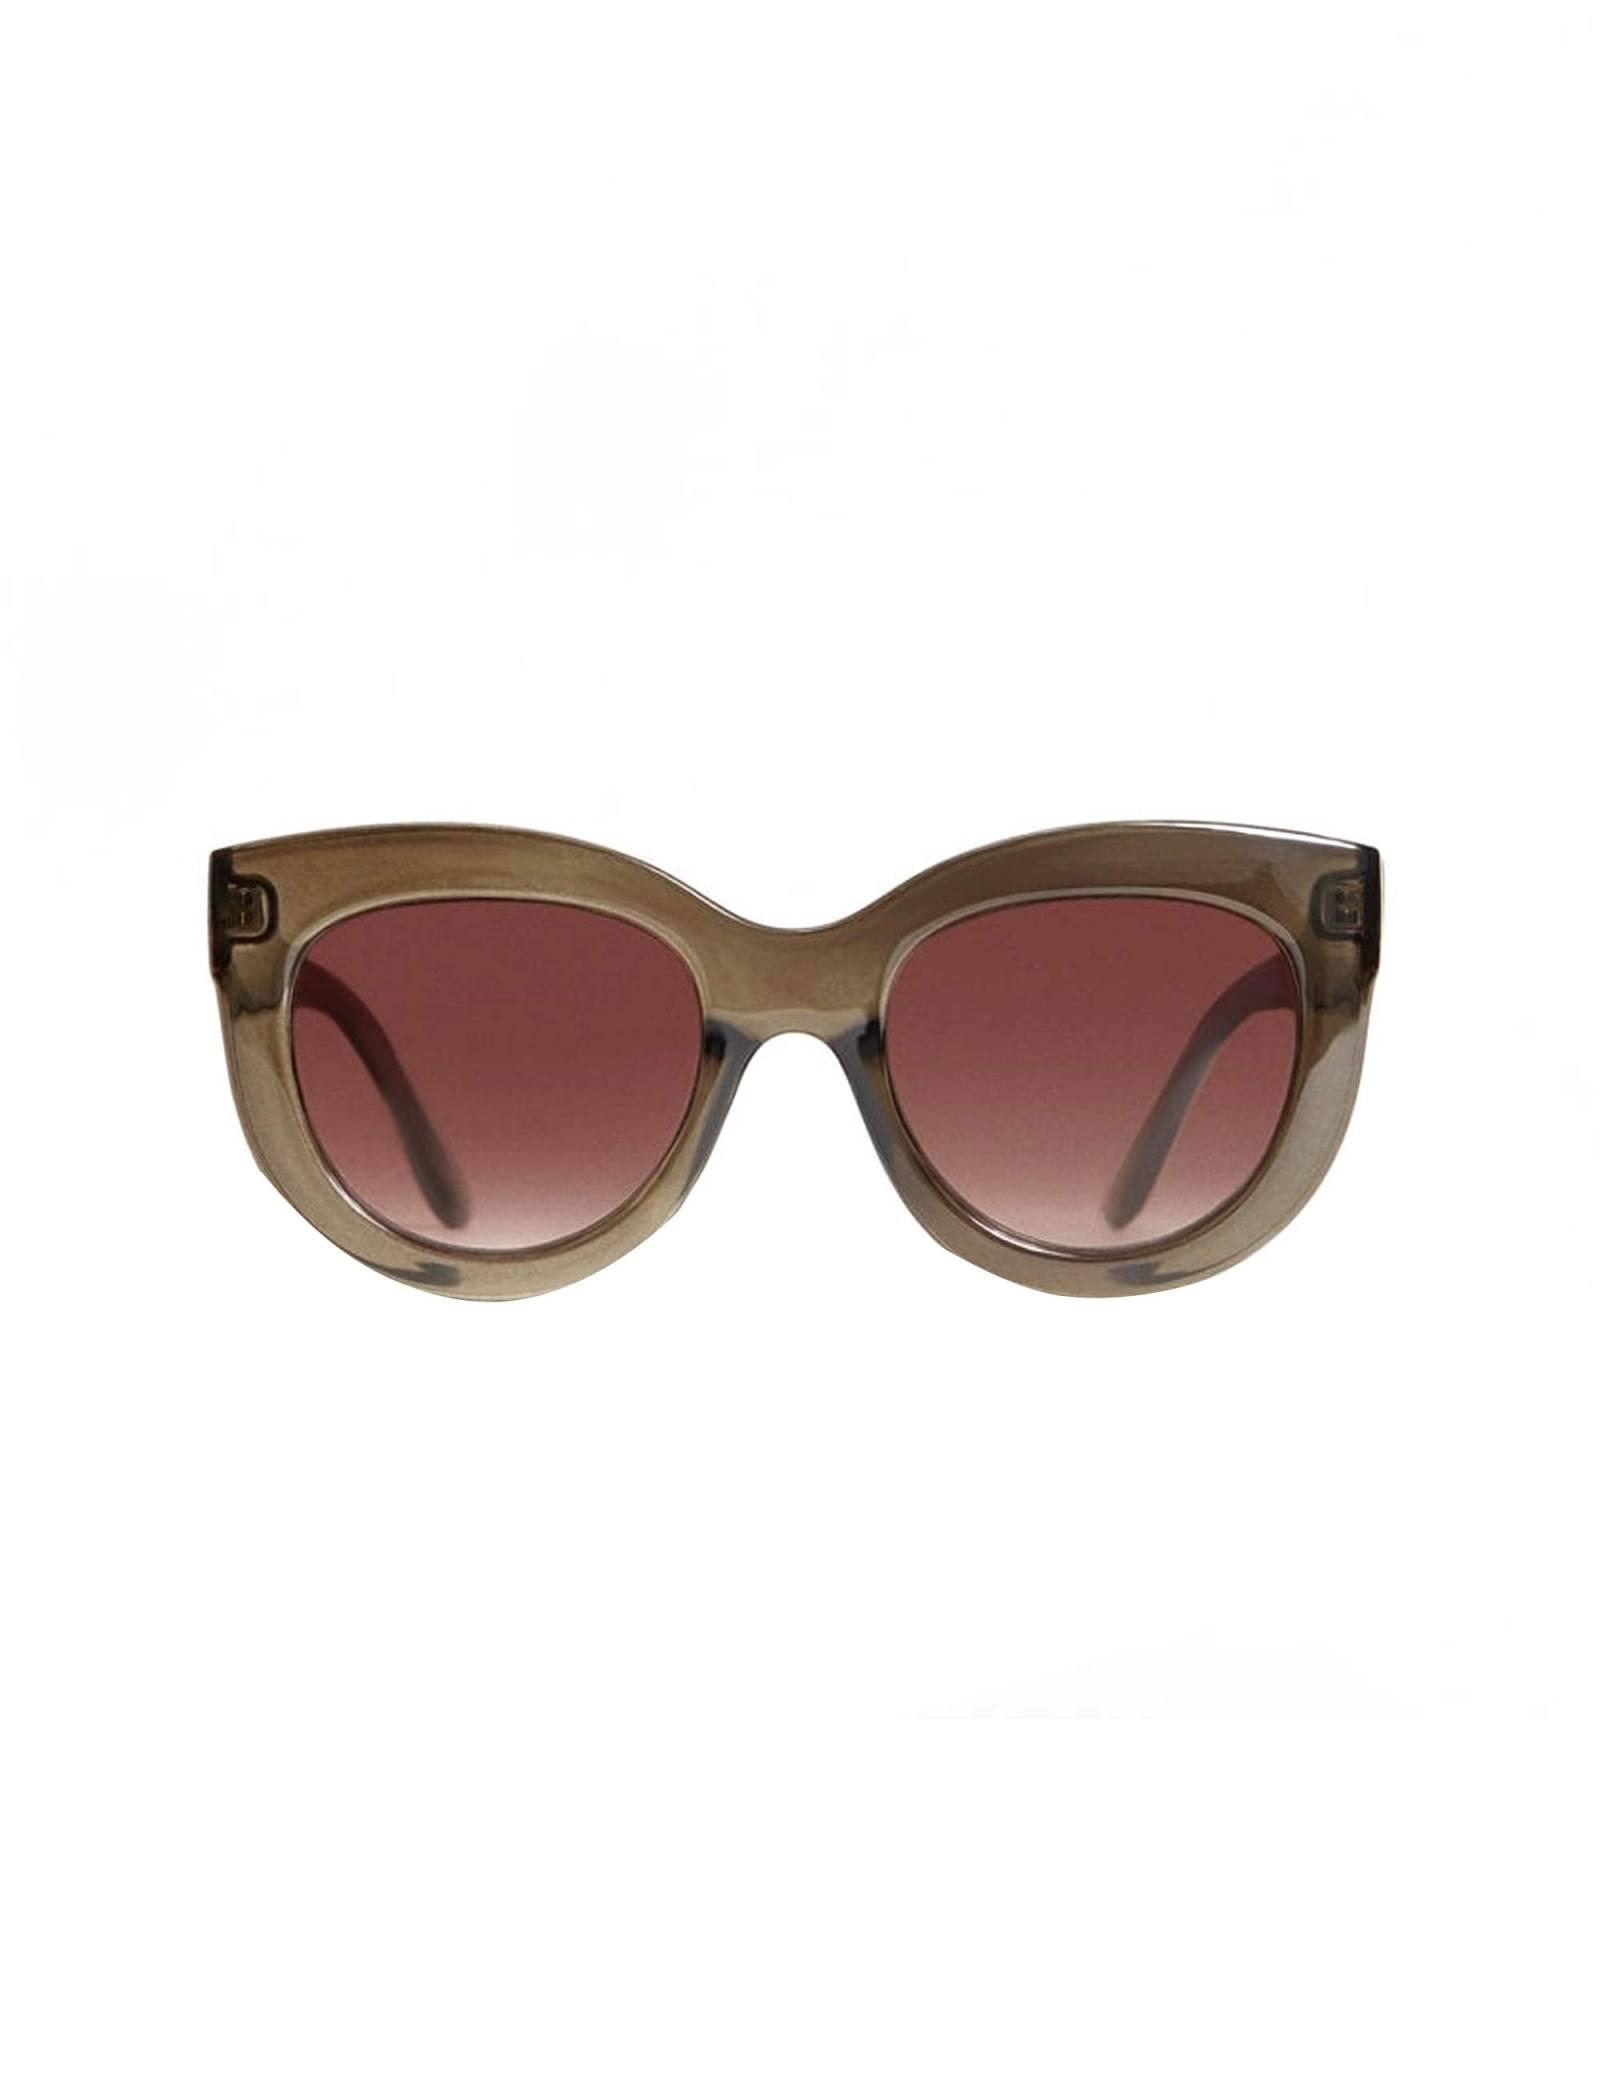 عینک آفتابی گربه ای زنانه - ویولتا بای مانگو - زيتوني - 1